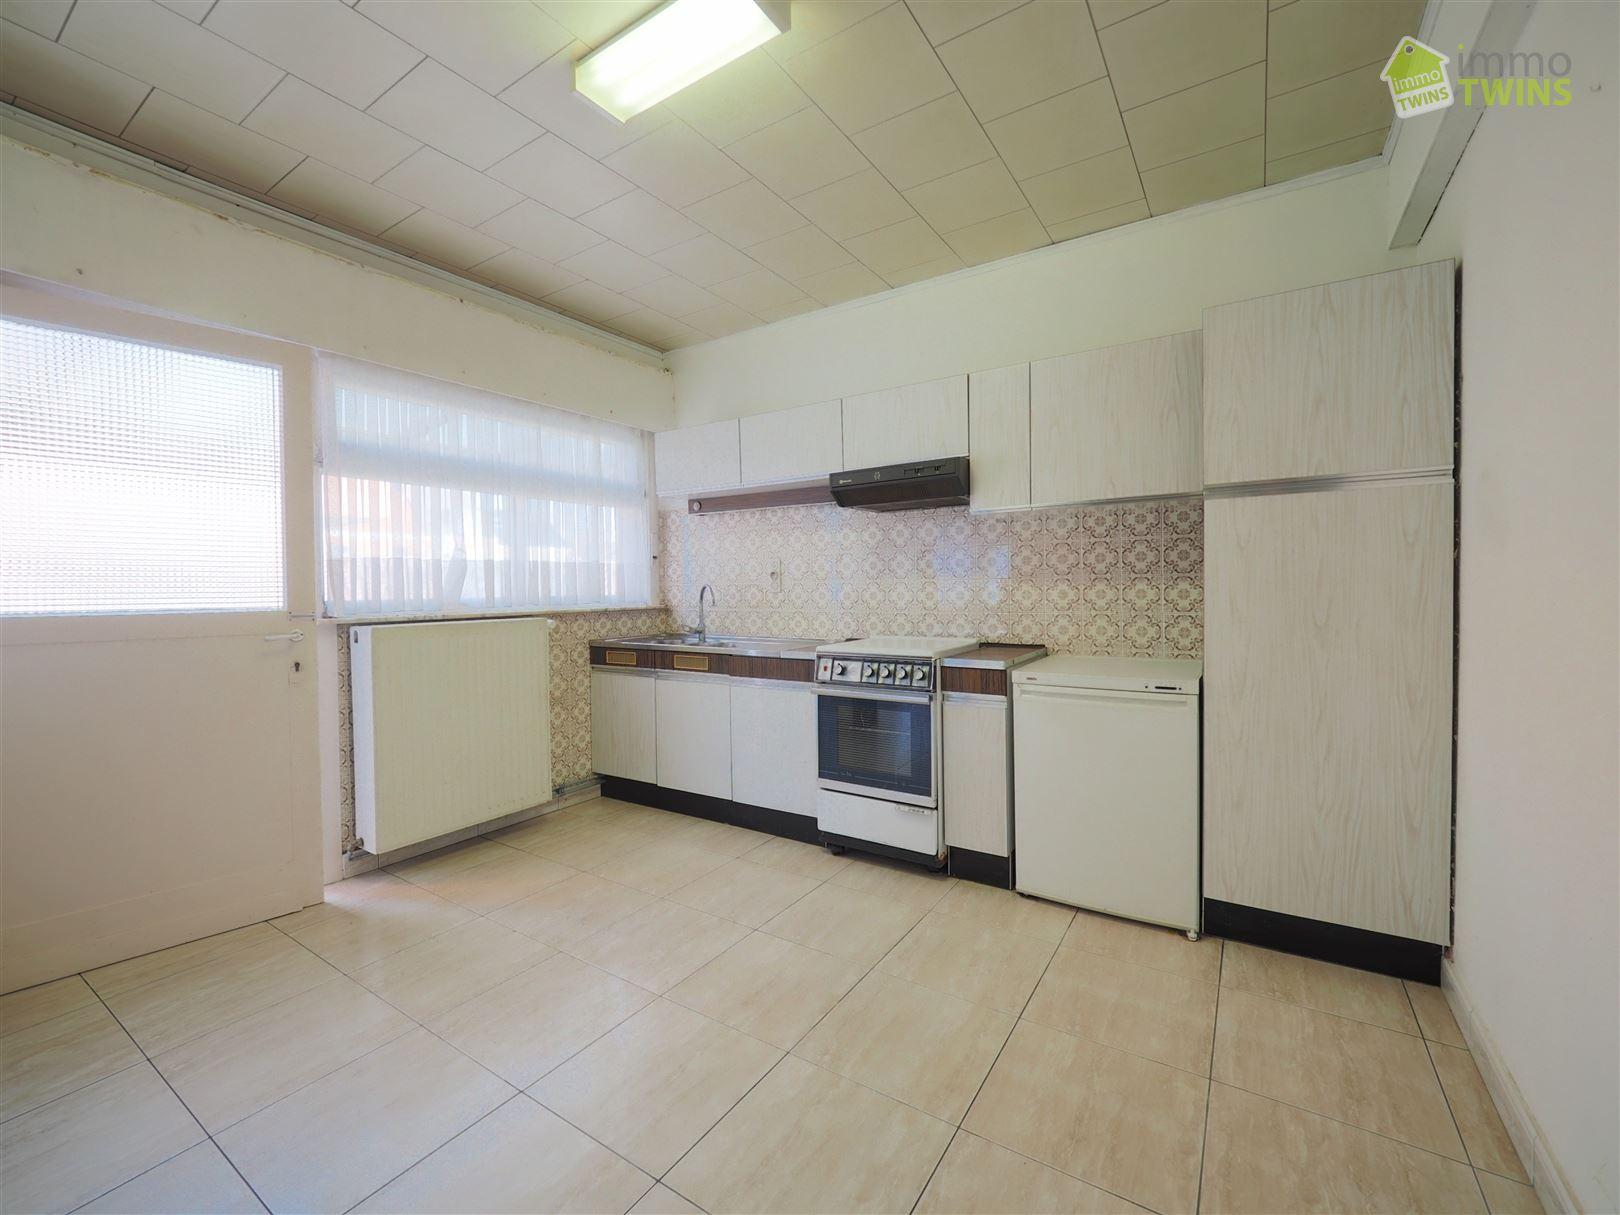 Foto 4 : Huis te 9200 SINT-GILLIS-DENDERMONDE (België) - Prijs € 259.000